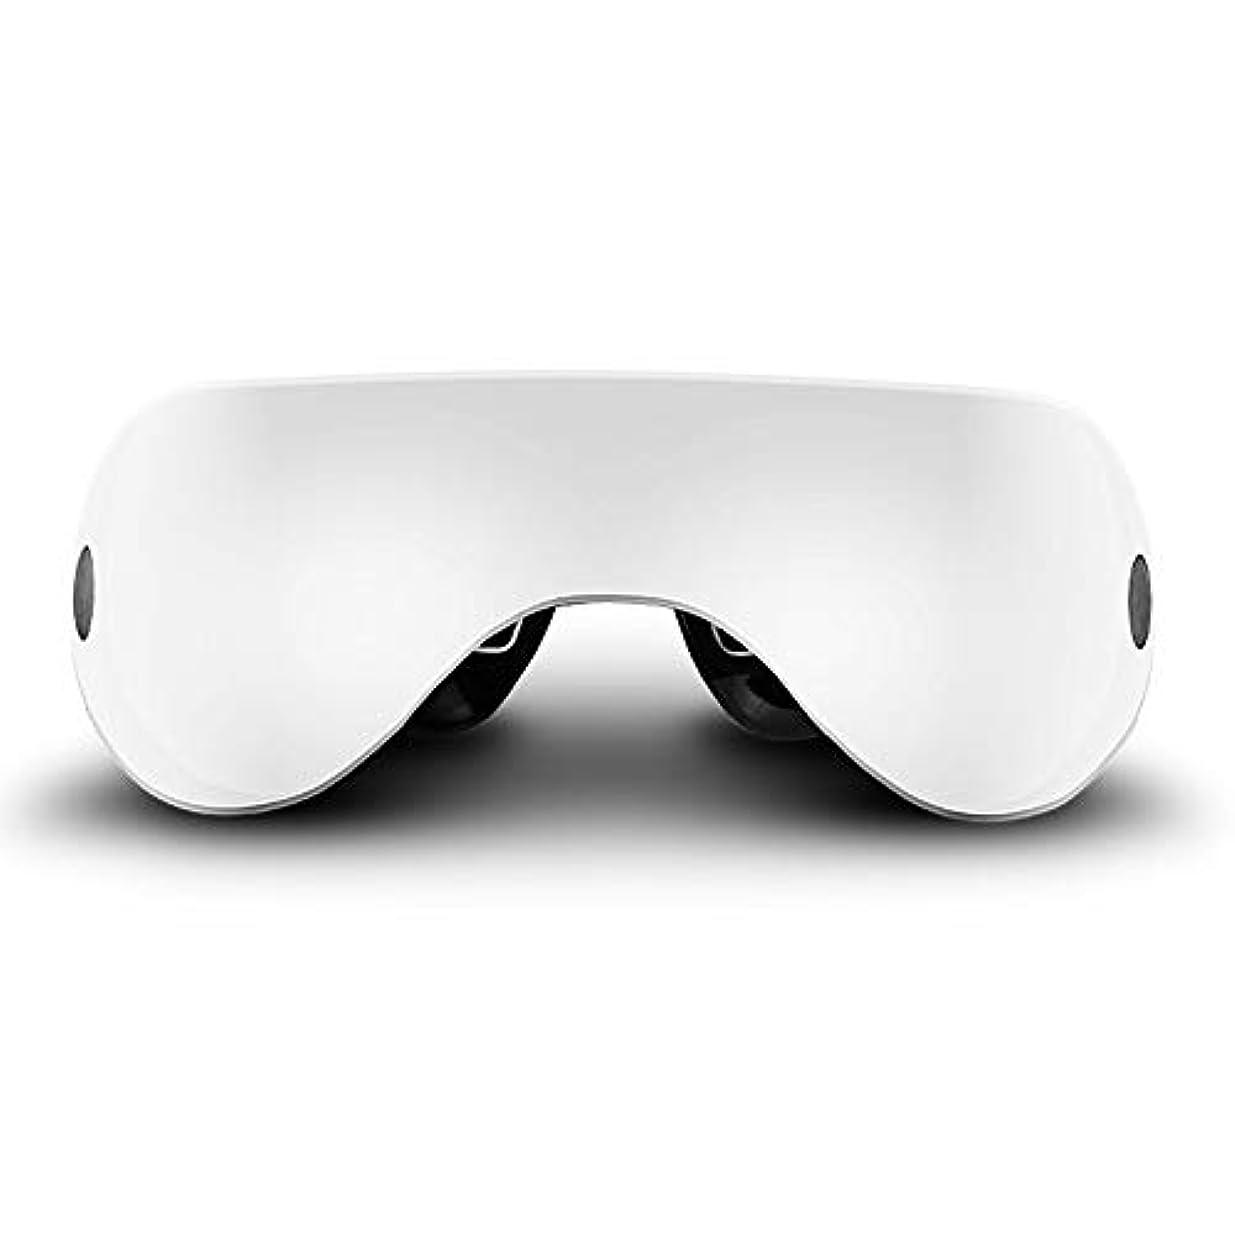 航空会社保守的赤面JJYPY 電動アイマッサージャー、目の疲労のためのワイヤレス充電式アイマッサージャードライアイストレスリリーフ (Color : White)